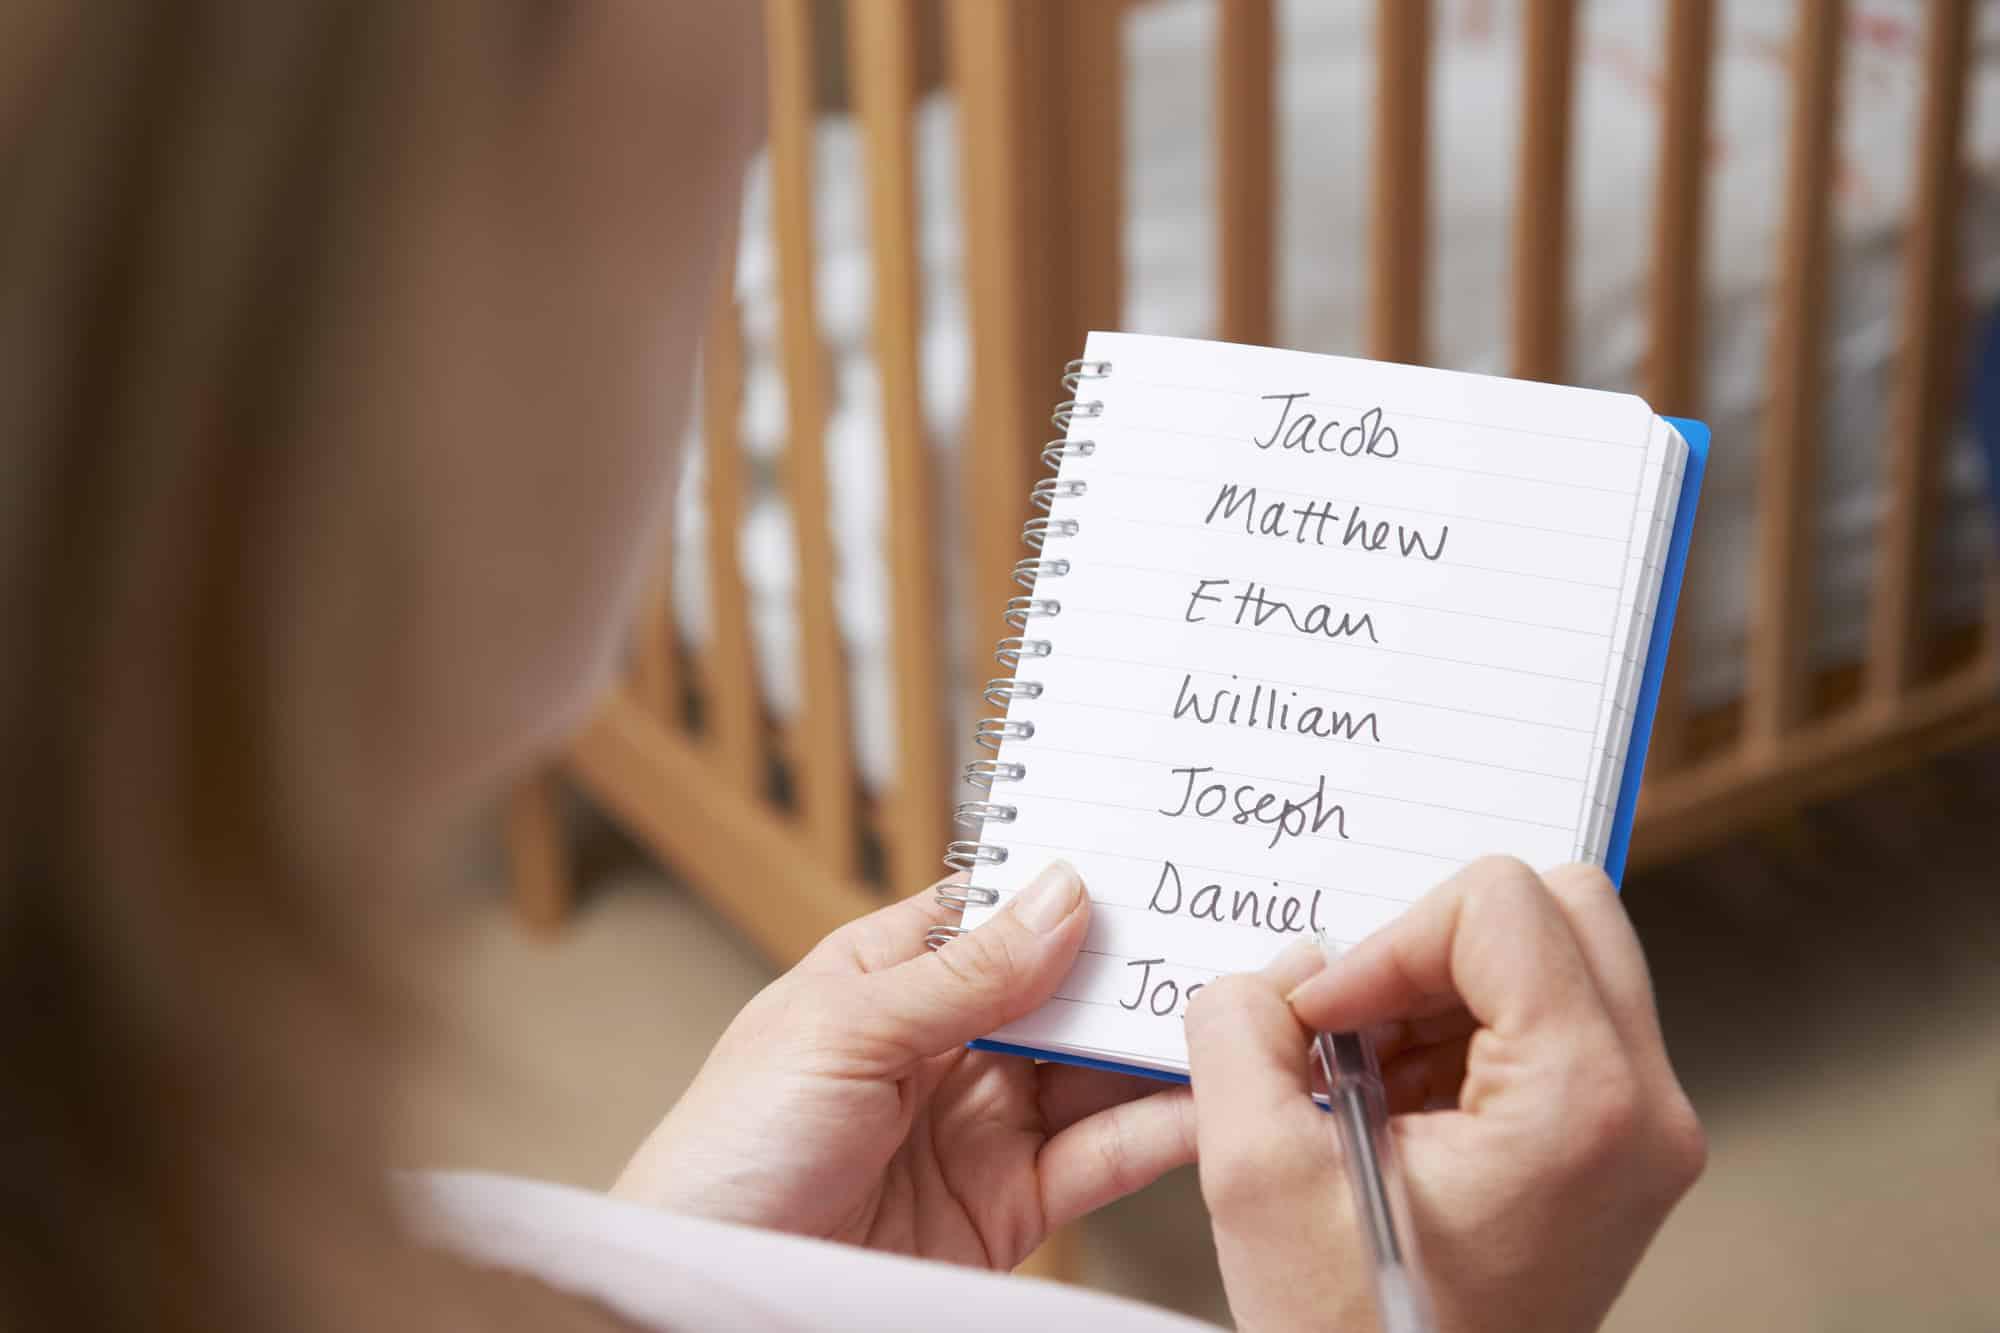 240 Schone Jungennamen Aus Aller Welt Bedeutung Schreiben Net